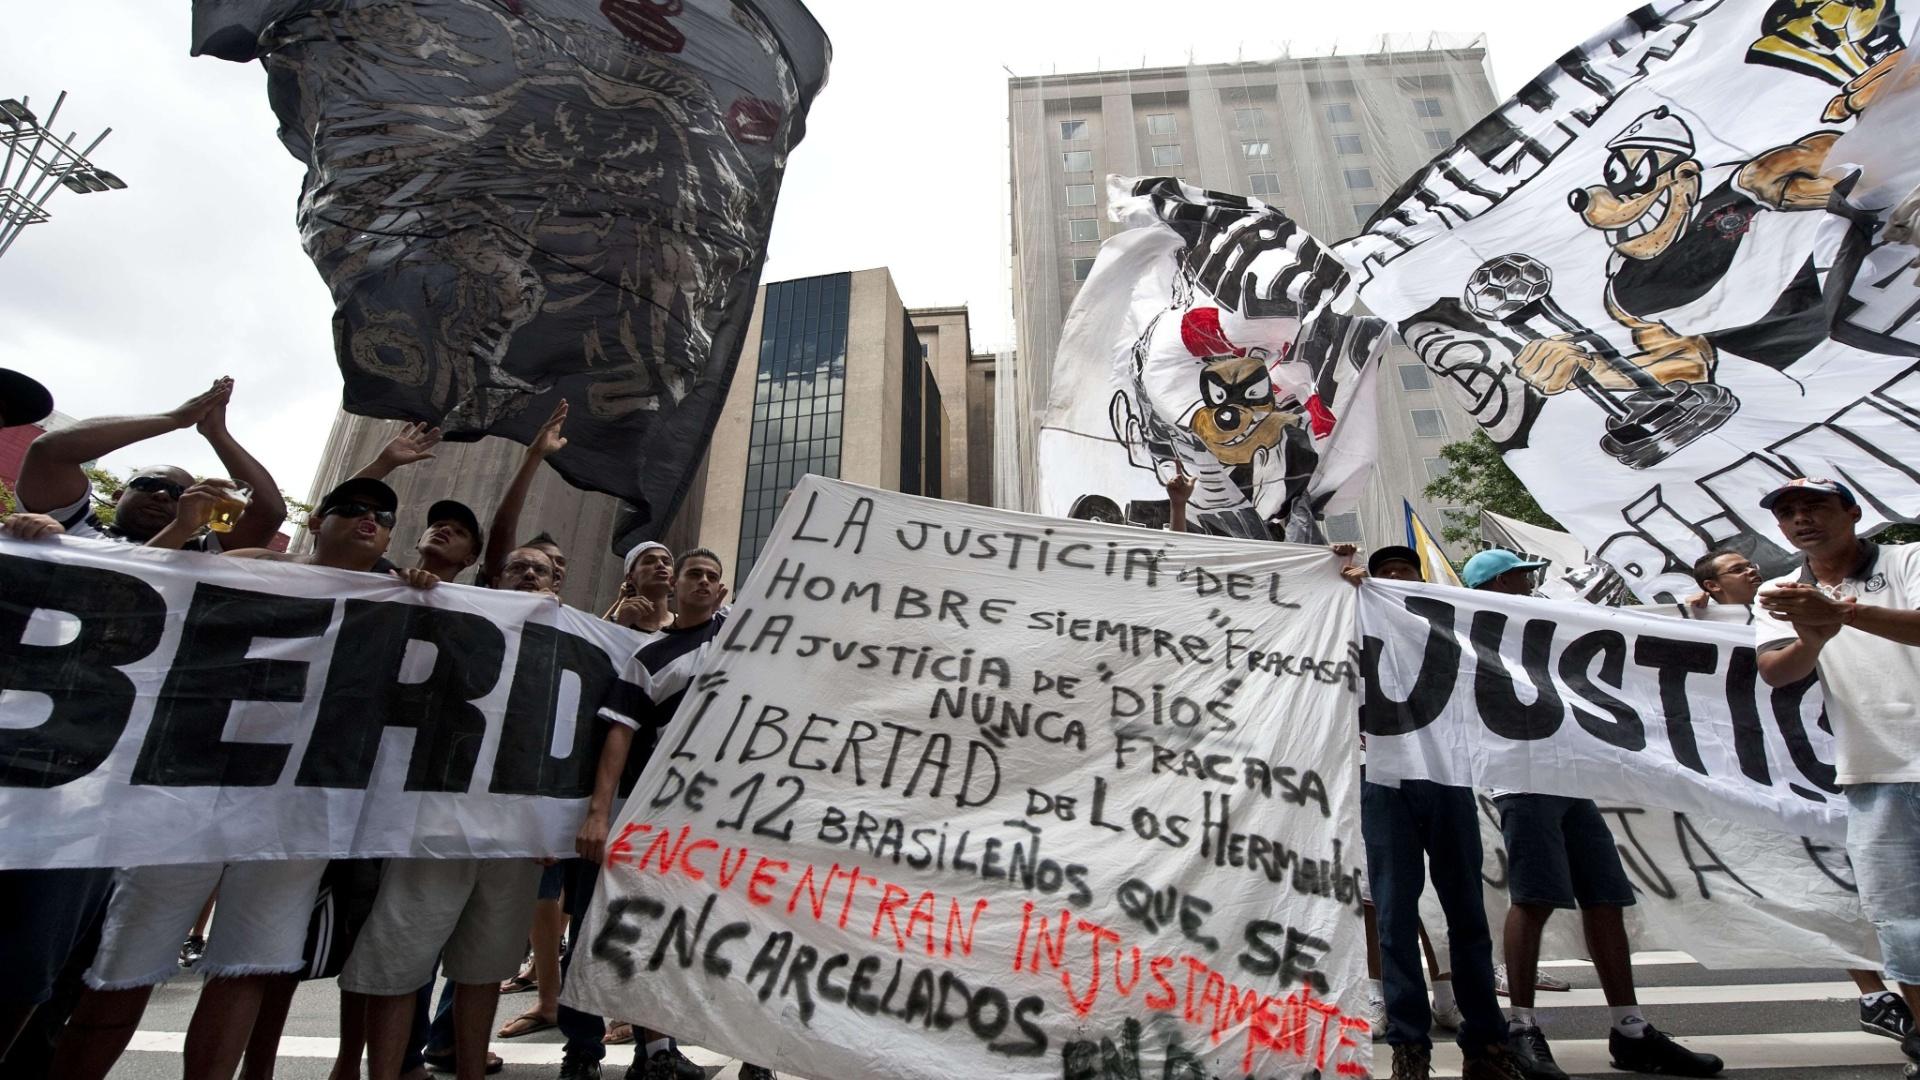 Corintianos de todas as idades protestaram em São Paulo pela prisão de torcedores na Bolívia